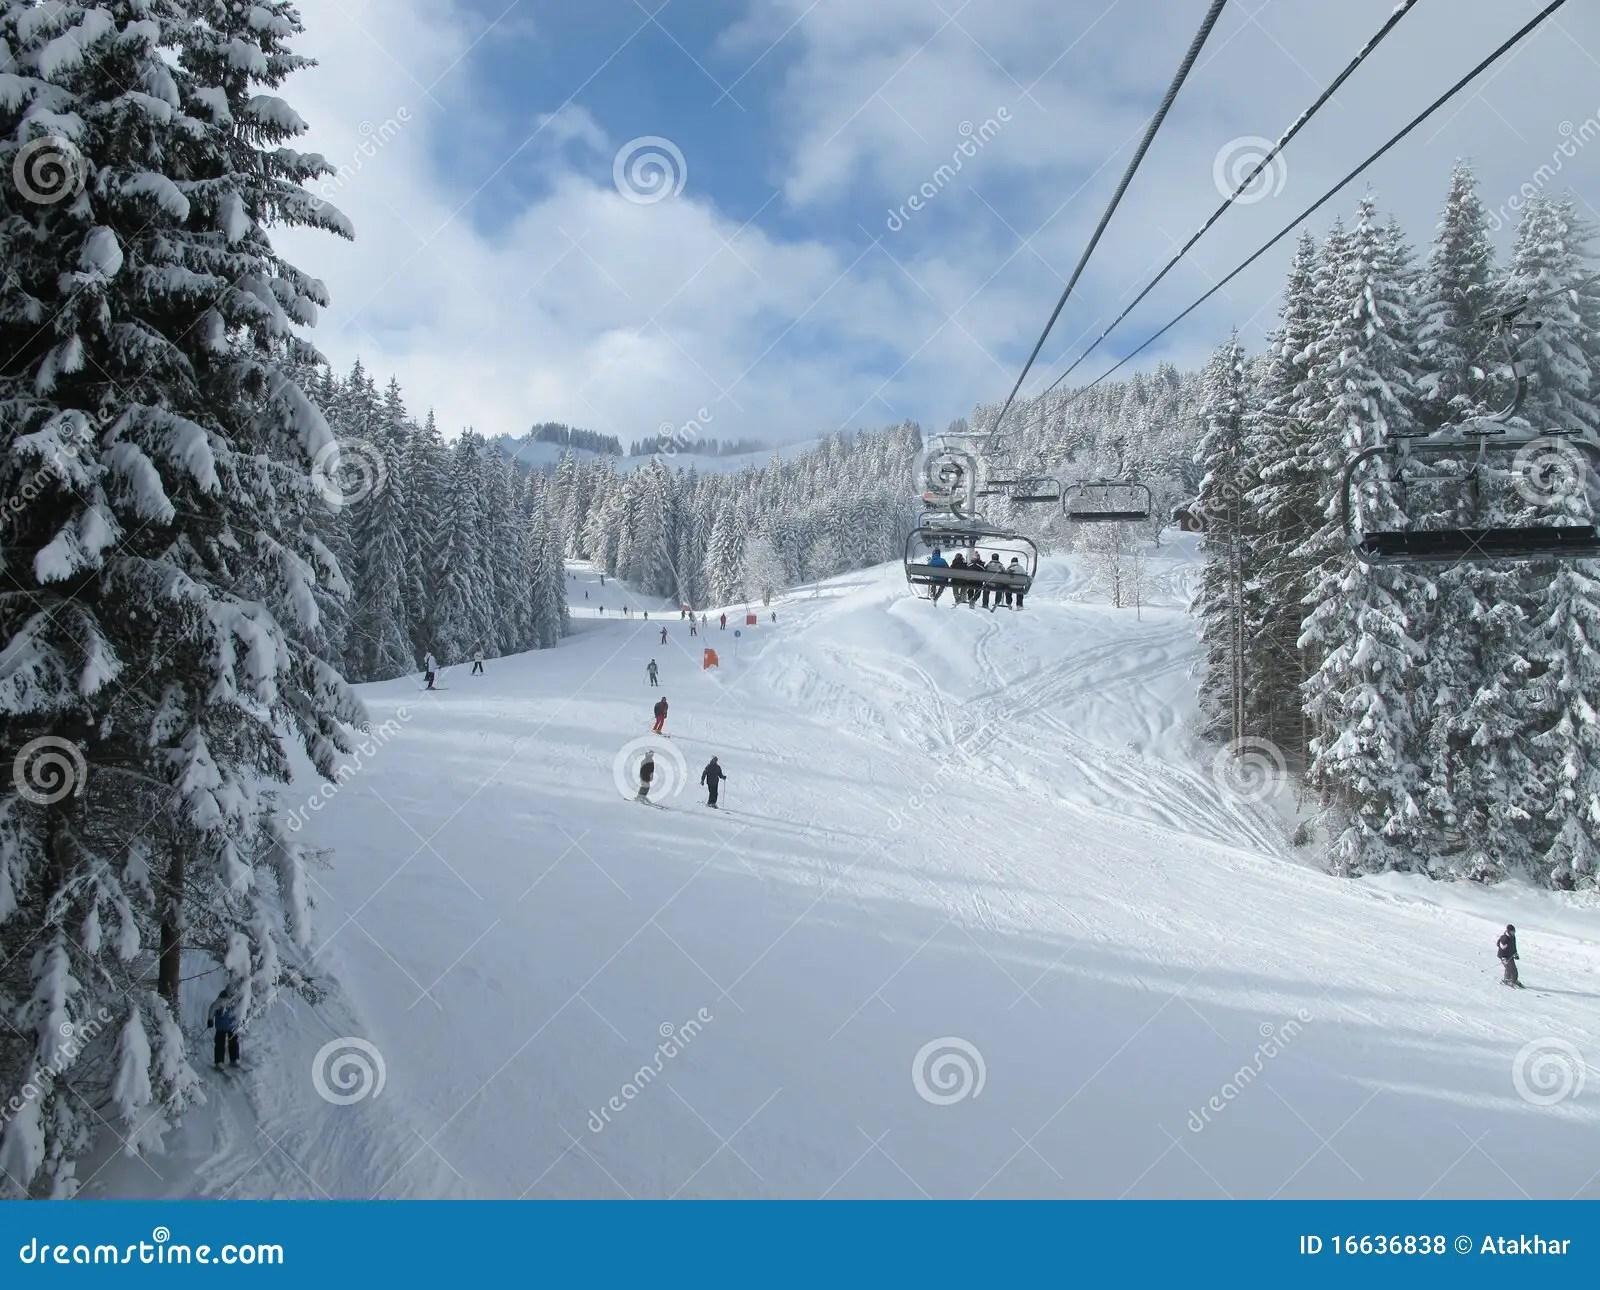 buy ski lift chair desk armrest chairlift in european alps stock photo